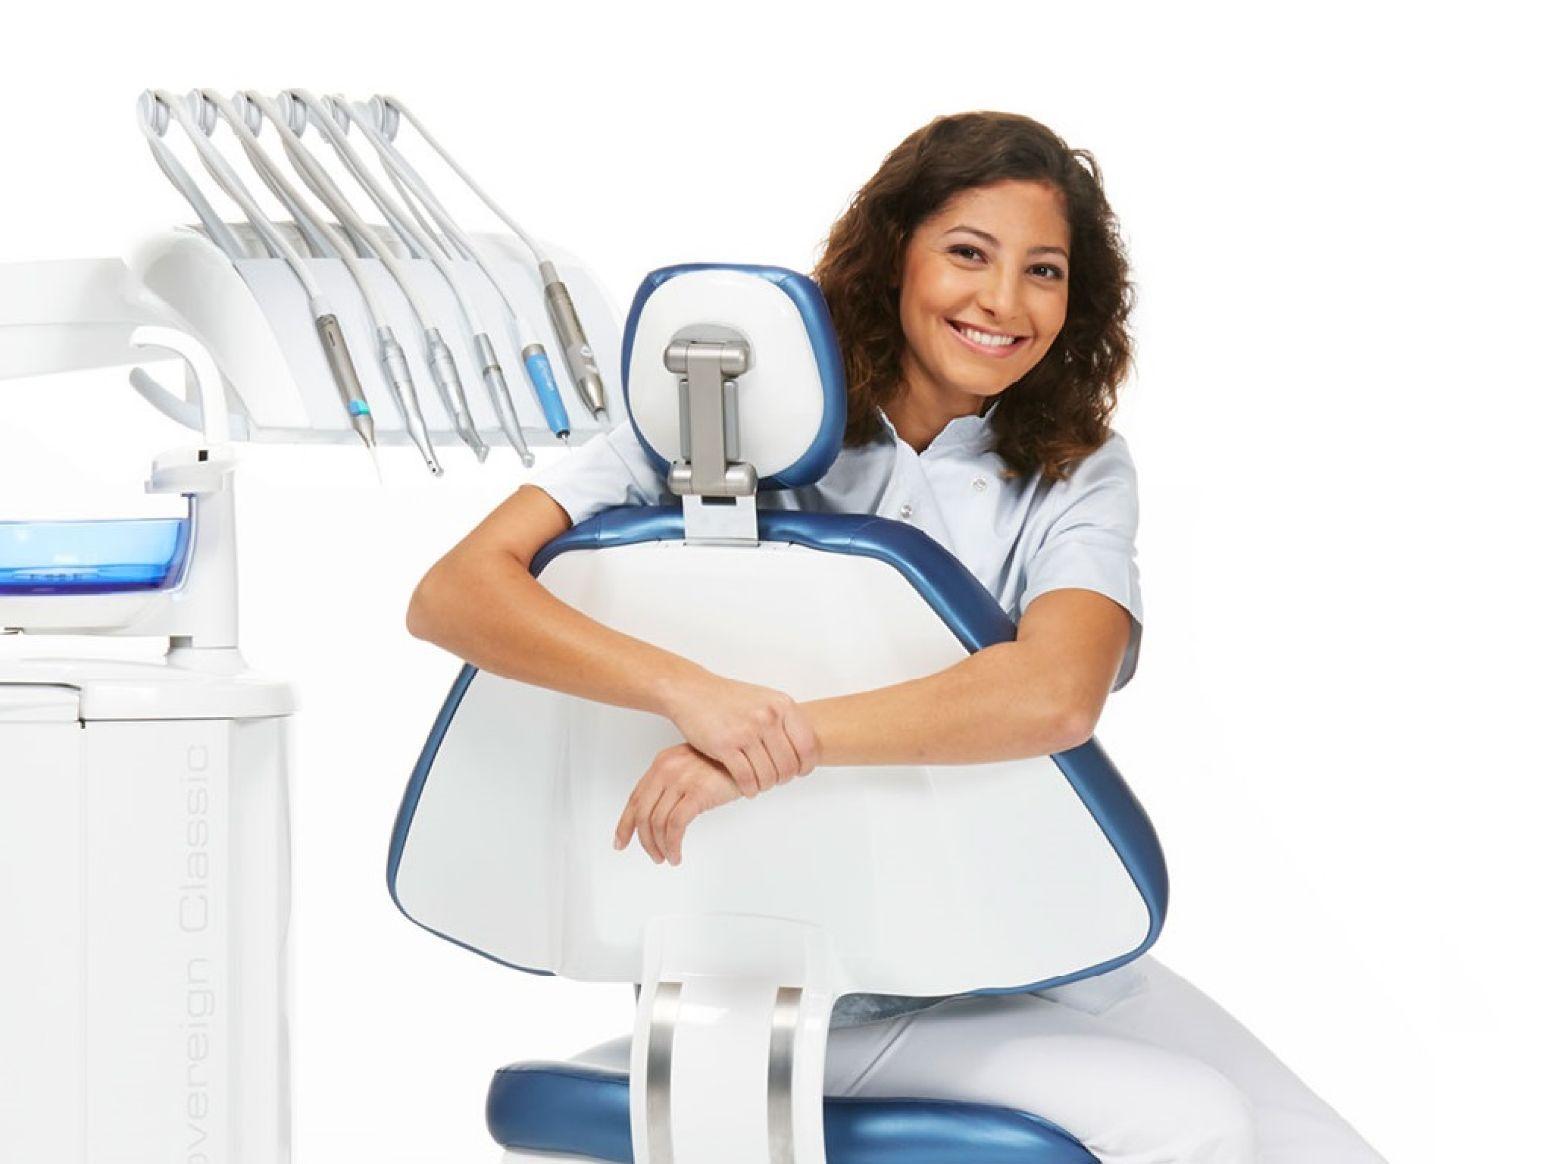 En glad kvinde sidder med armene omkring patientstolen på en tandlægeunit